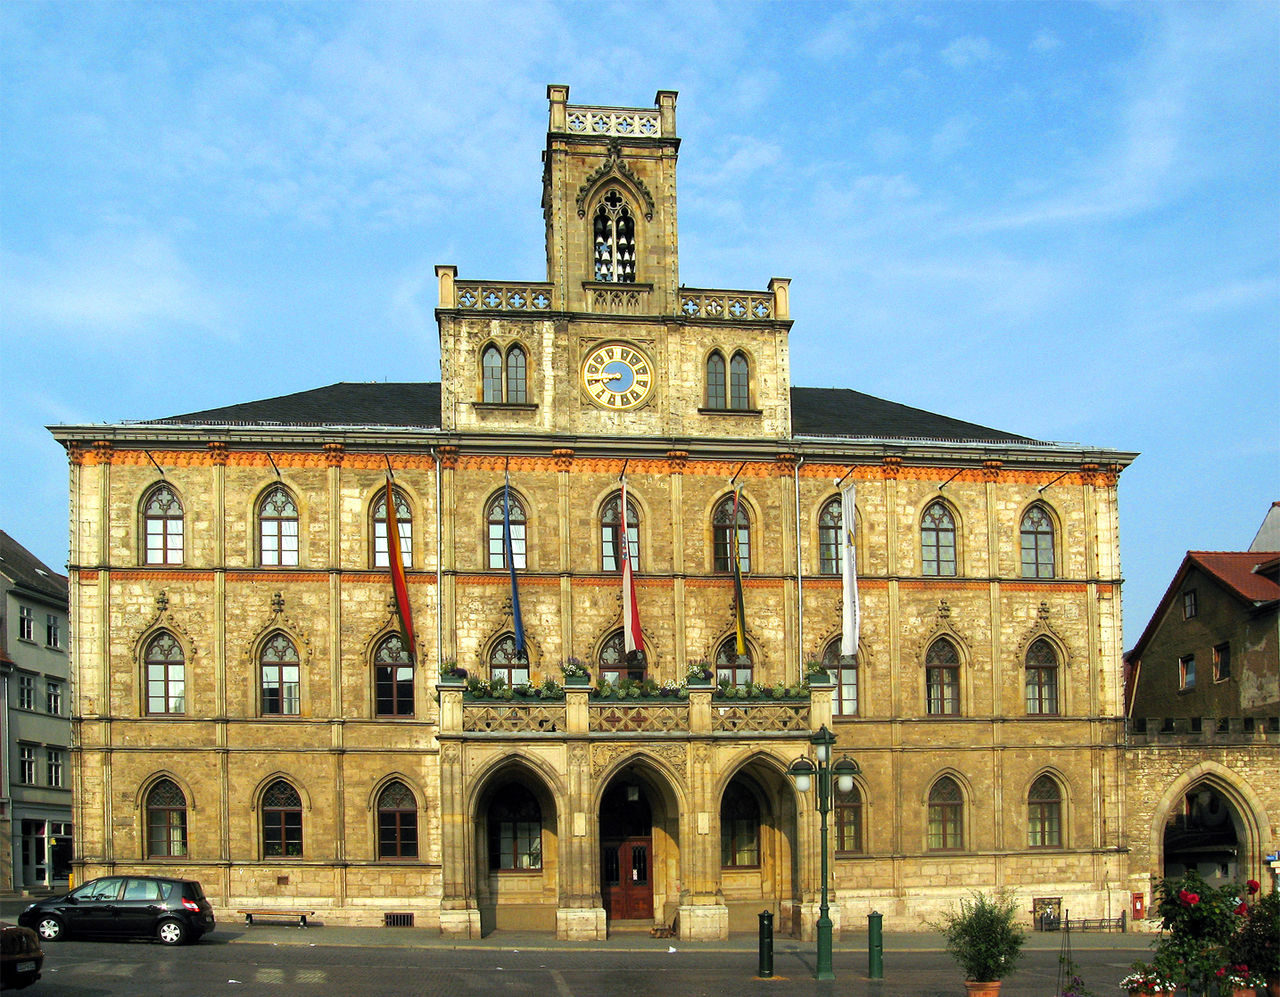 Веймар: достопримечательности, маршруты, отзывы туристов, еда и рестораны